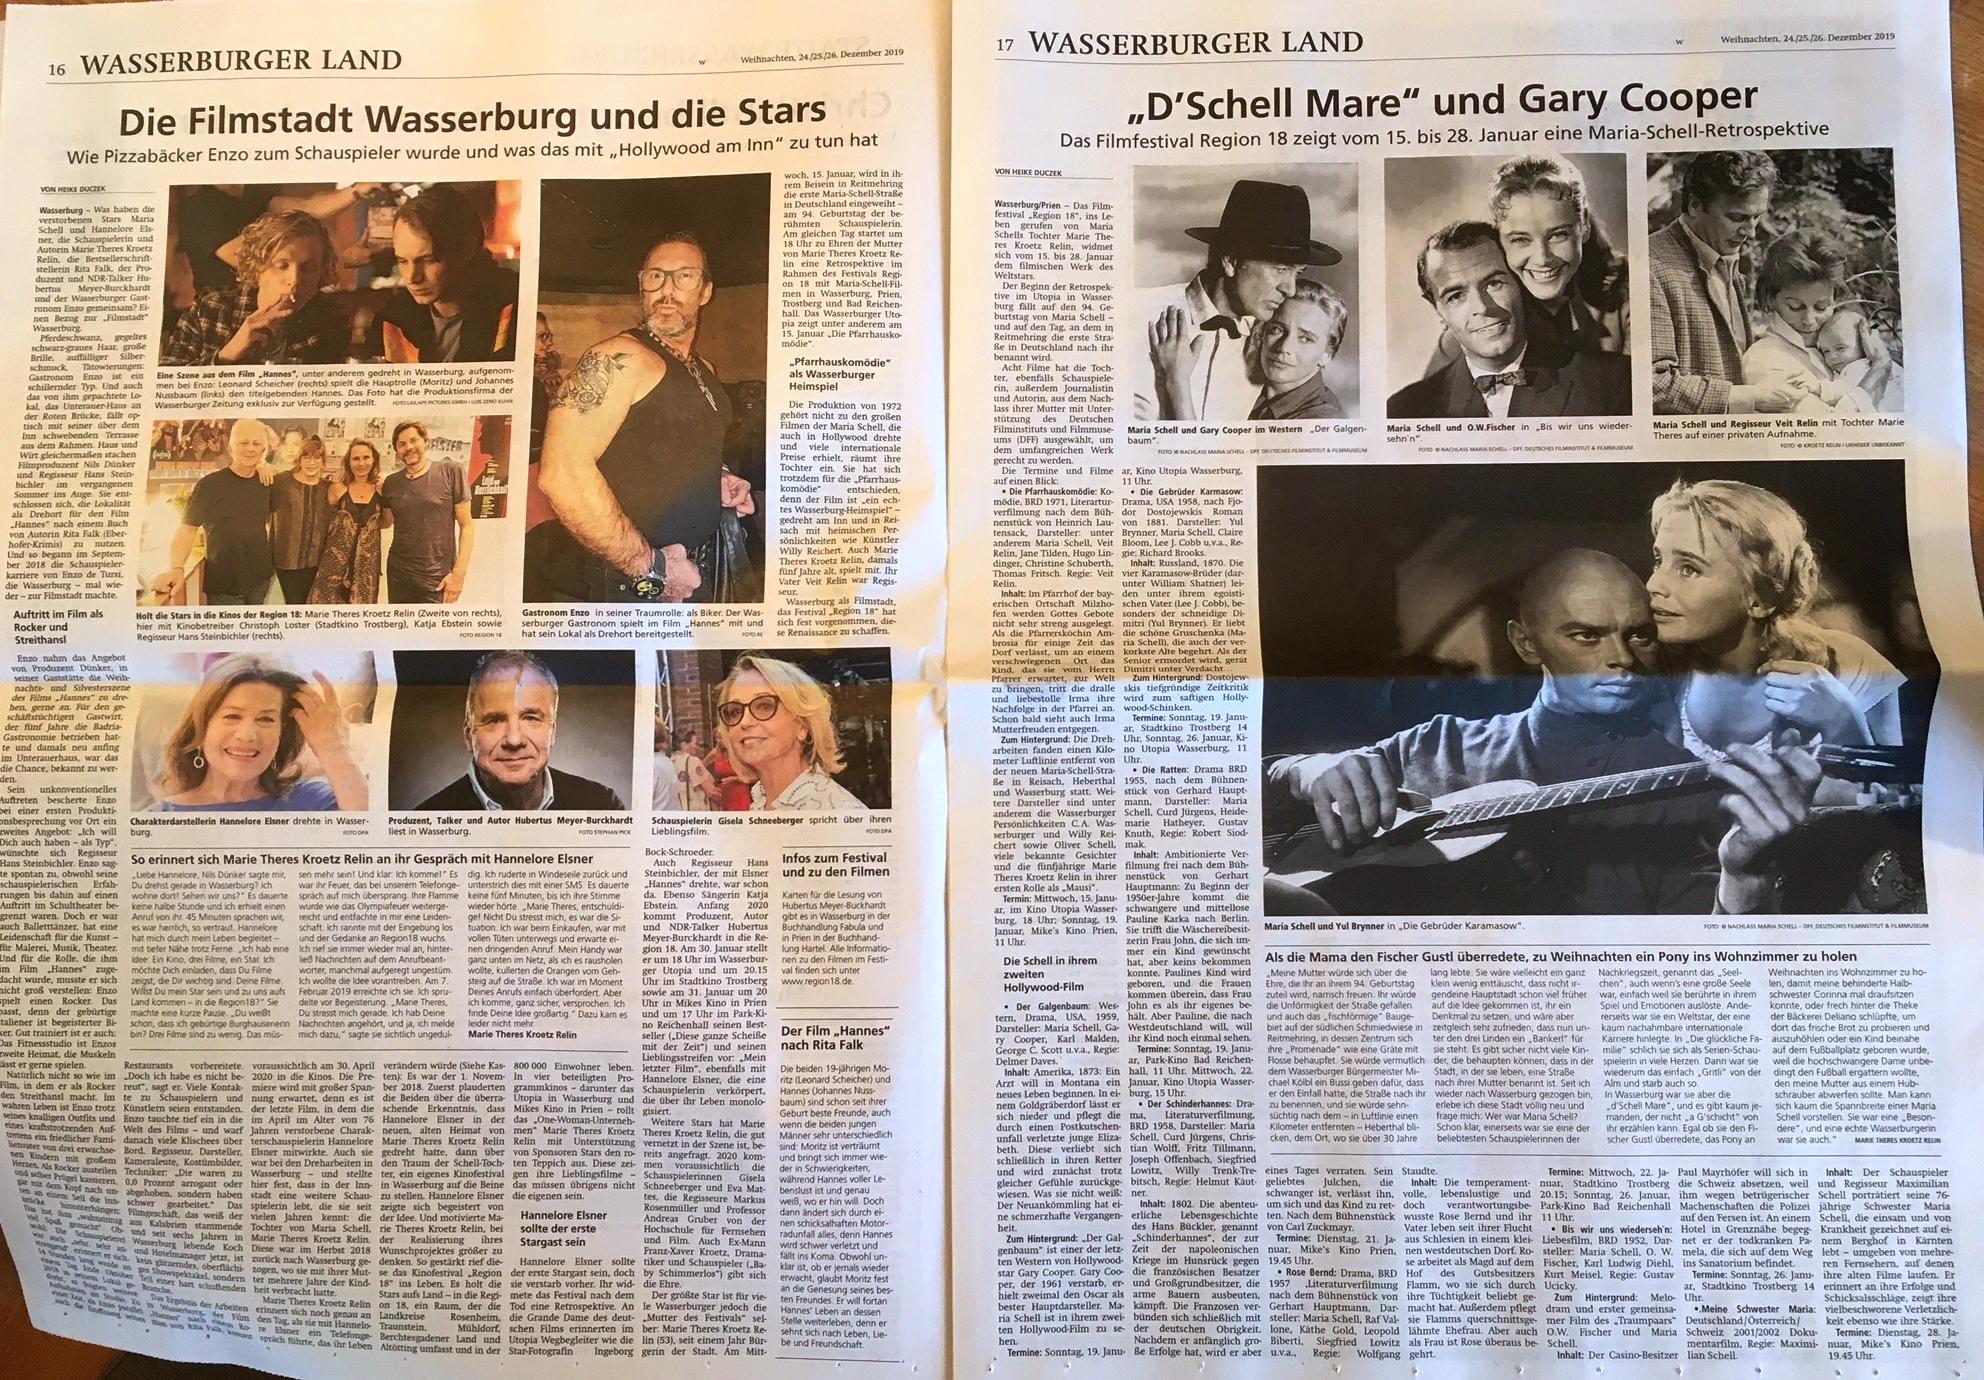 Wasserburger Zeitung – Hollywood am Inn